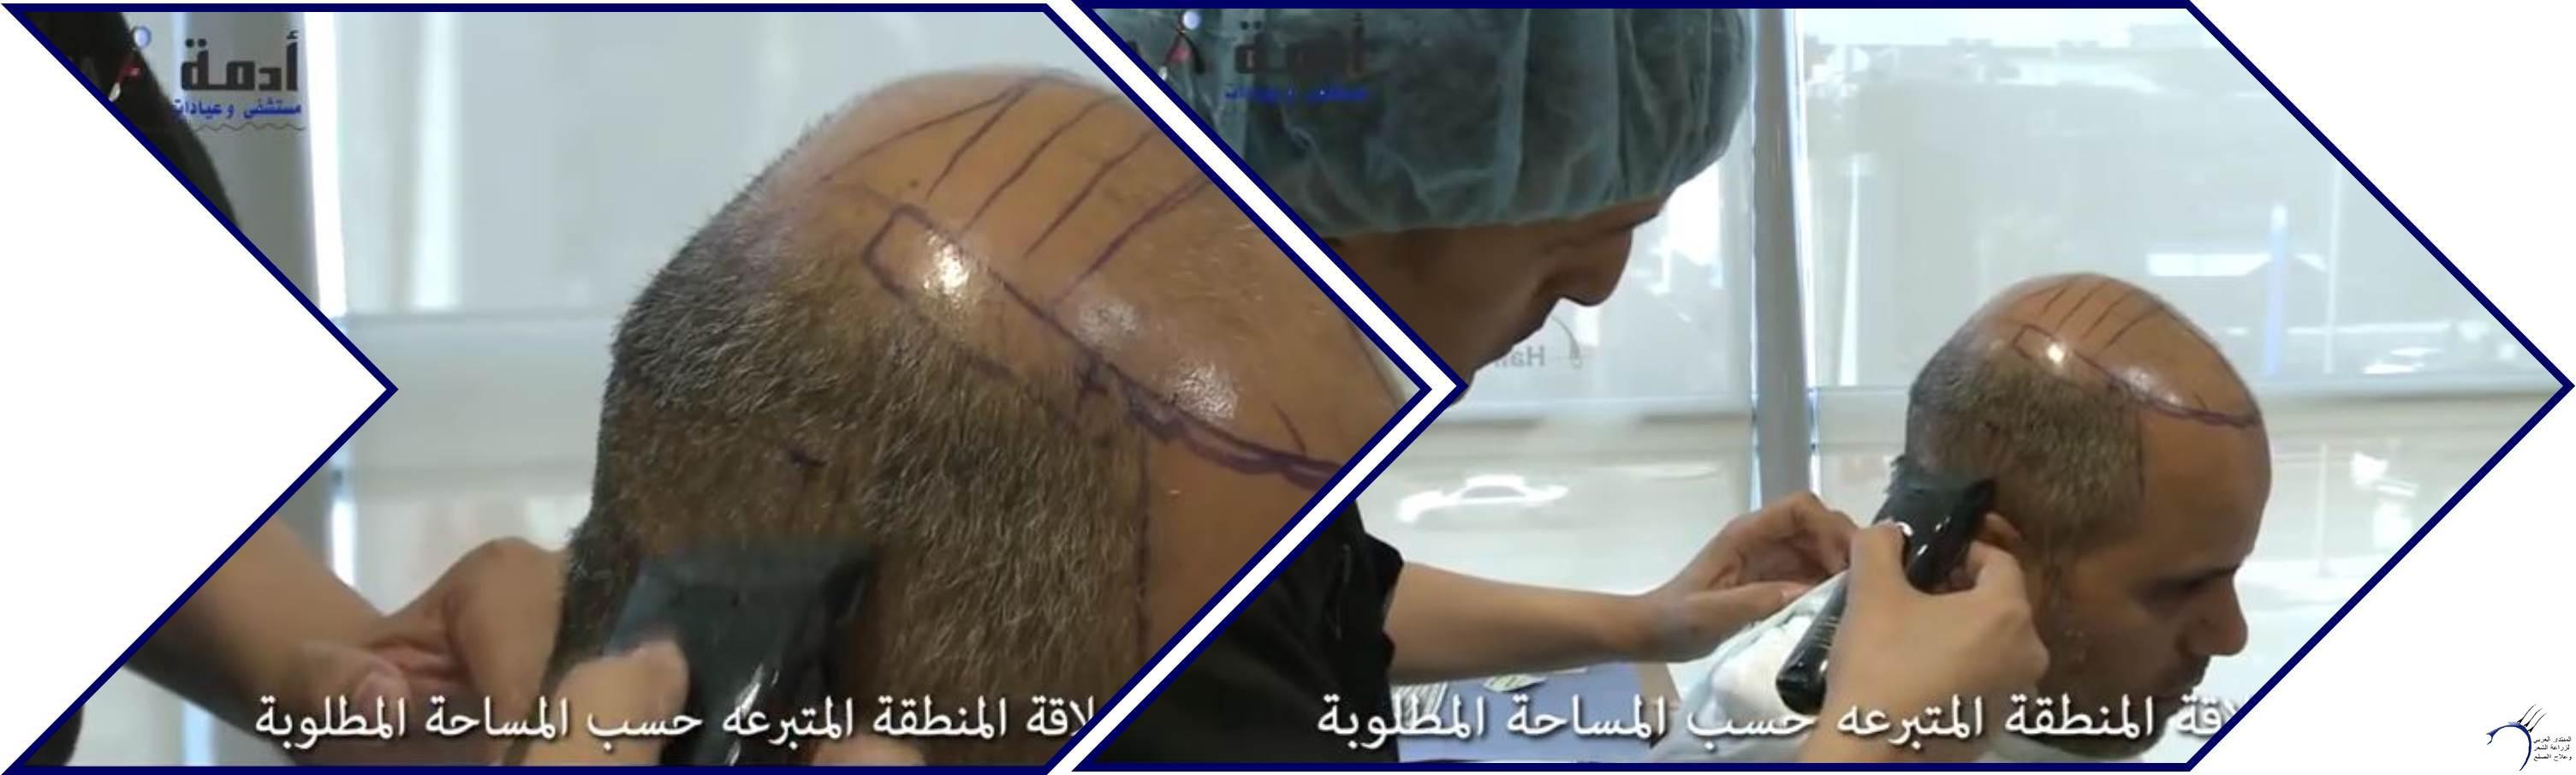 مشاكل الصلع وزراعة الشعر للدكتور www.hairarab.com4d37